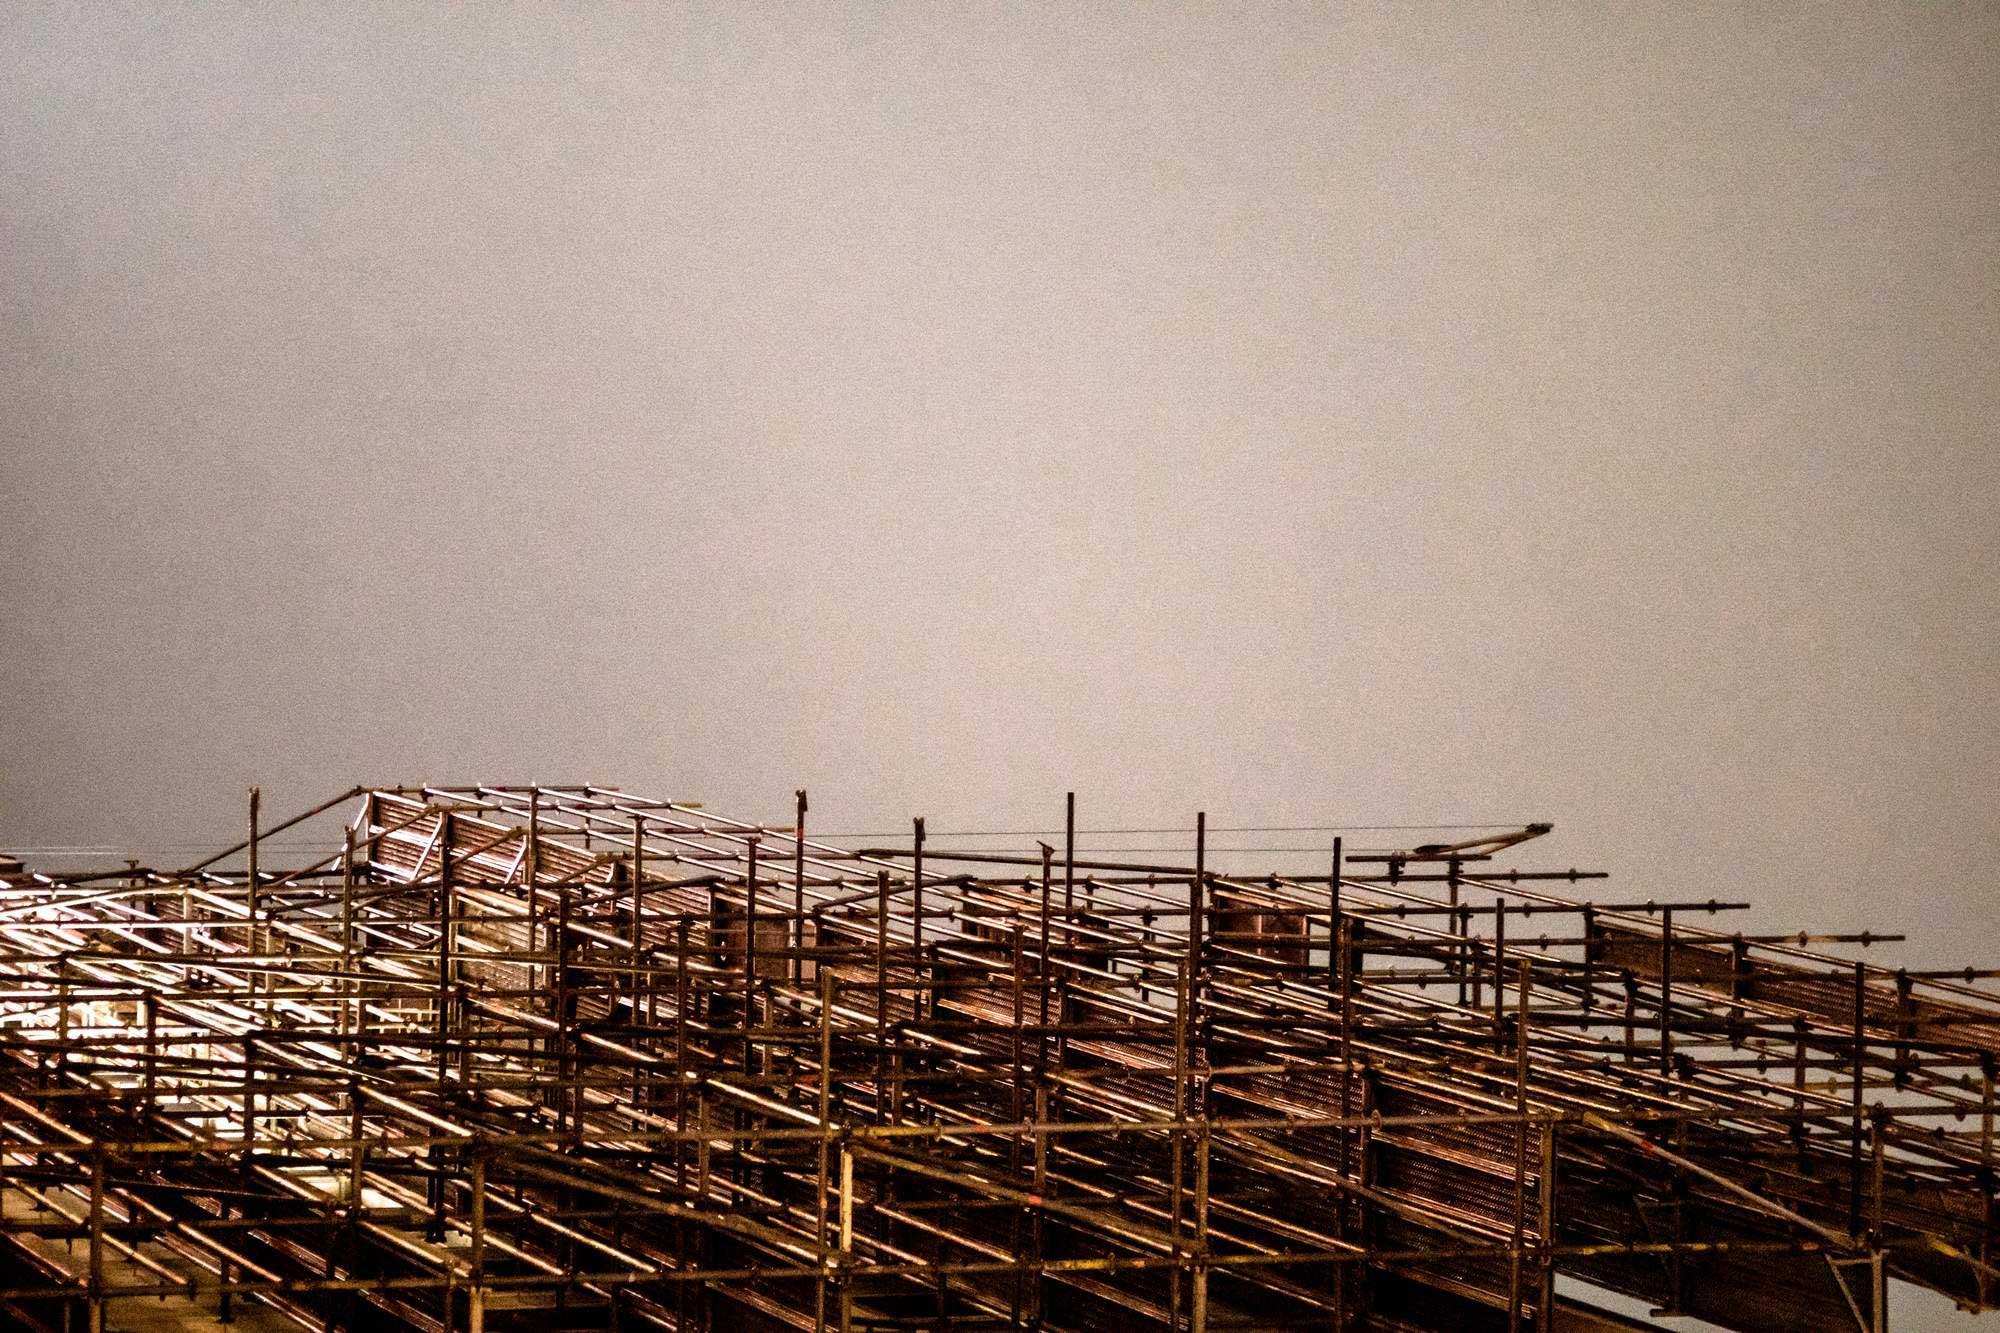 Architekturfotografie abstrakt Gerüst